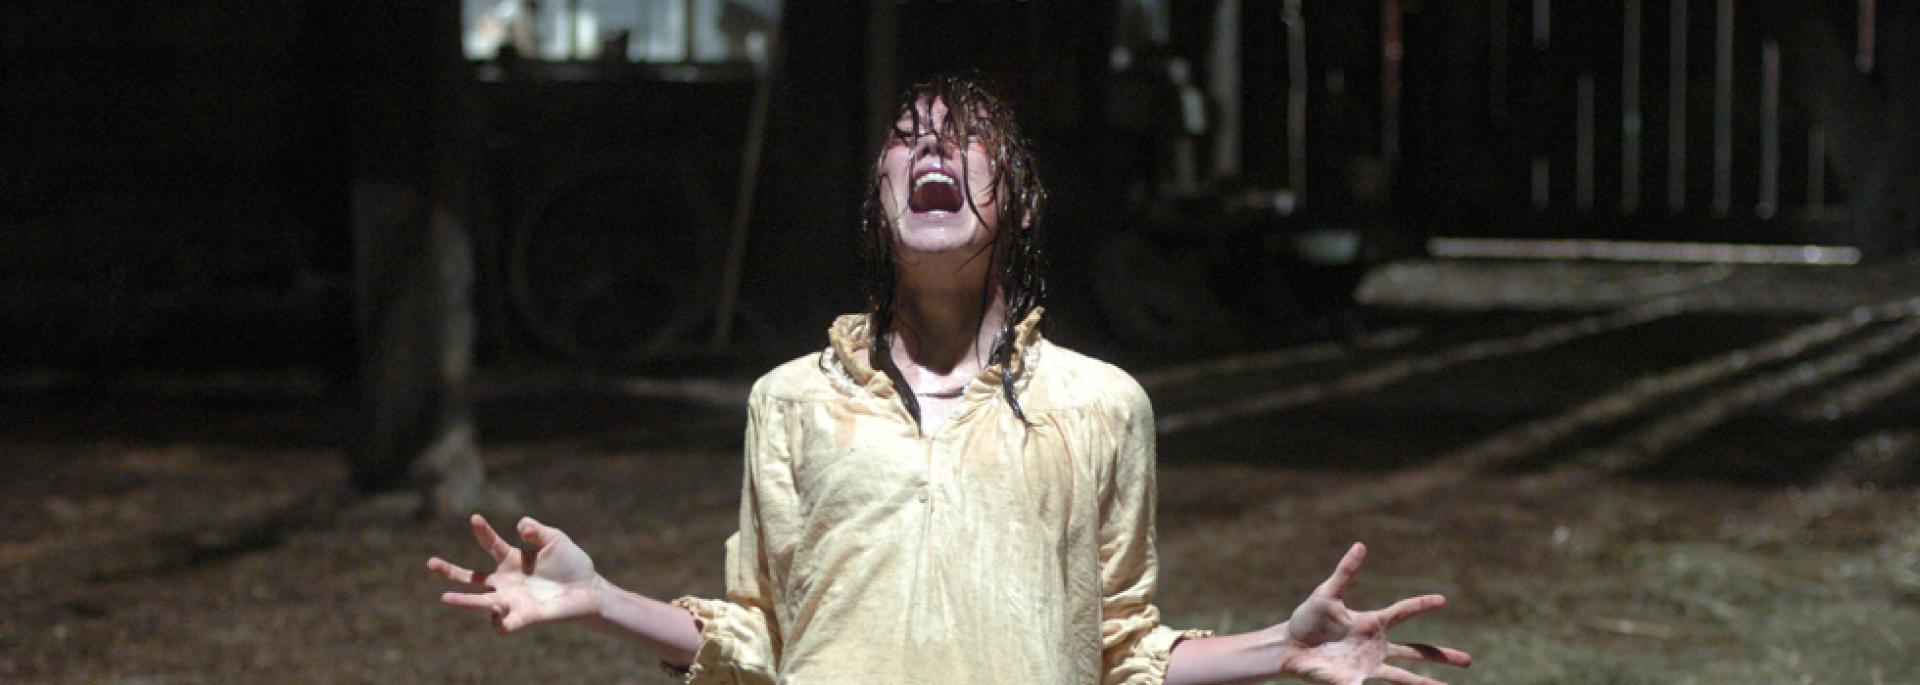 Exorcism of Emily Rose - Ördögűzés Emily Rose üdvéért (2005)